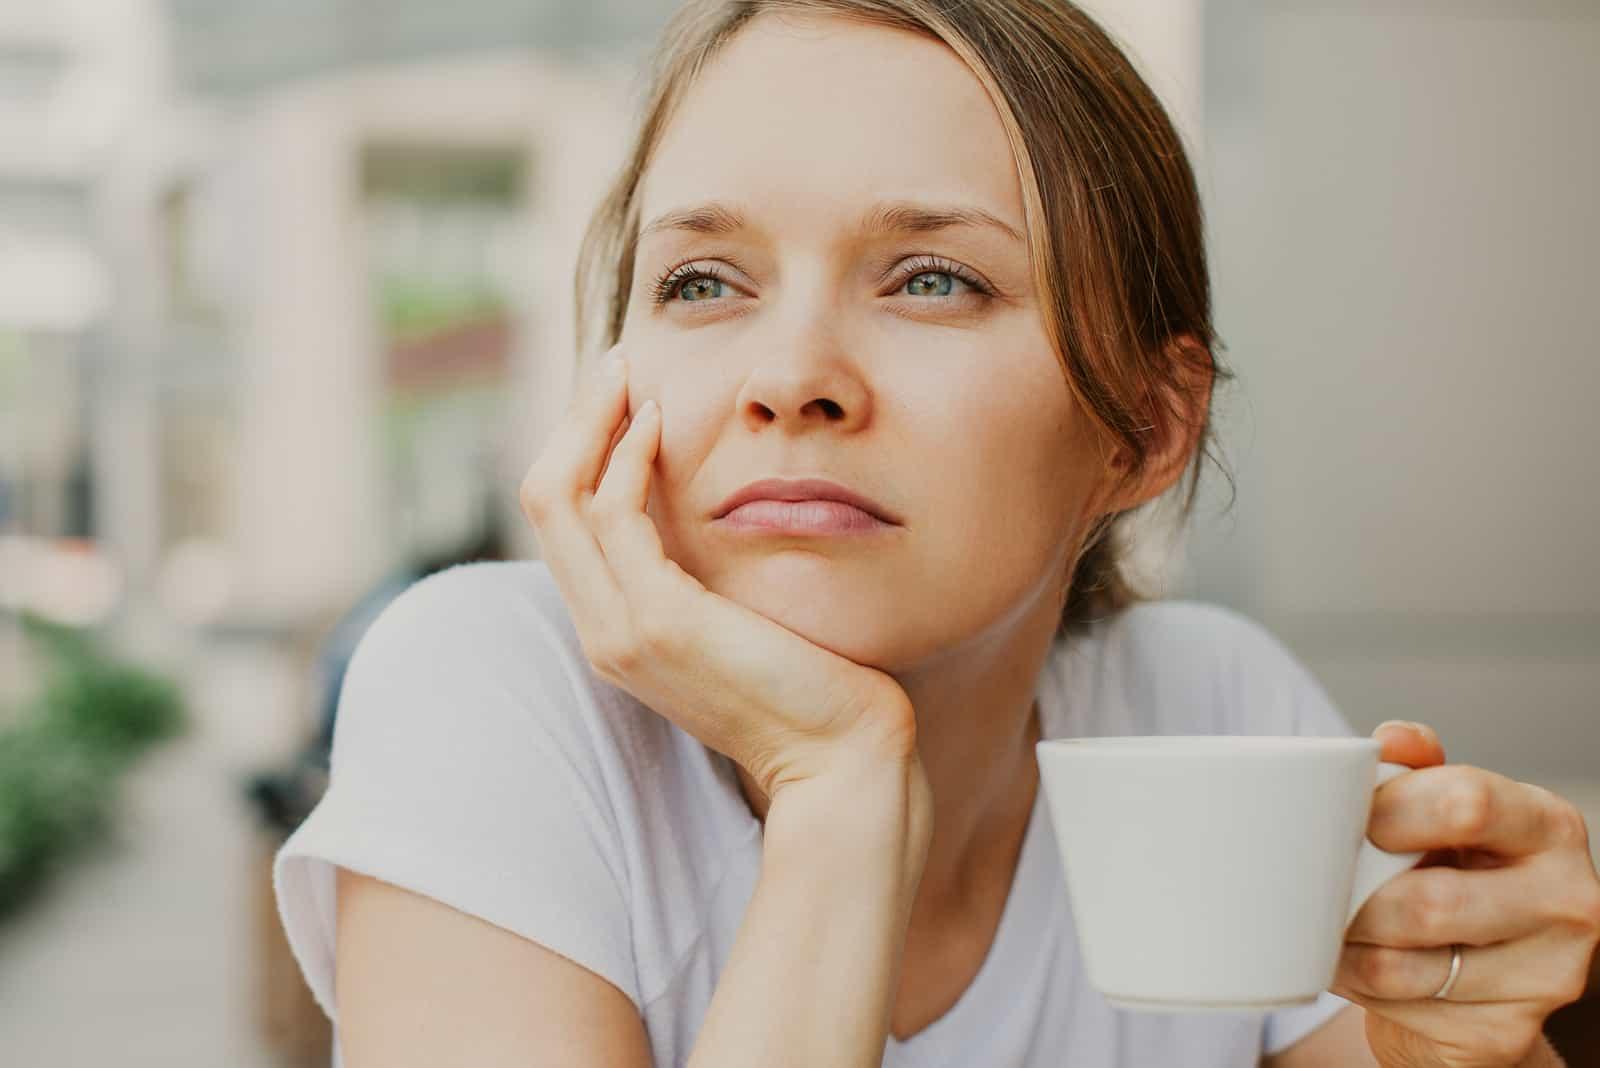 fundersam ung vacker kvinna som dricker kaffe